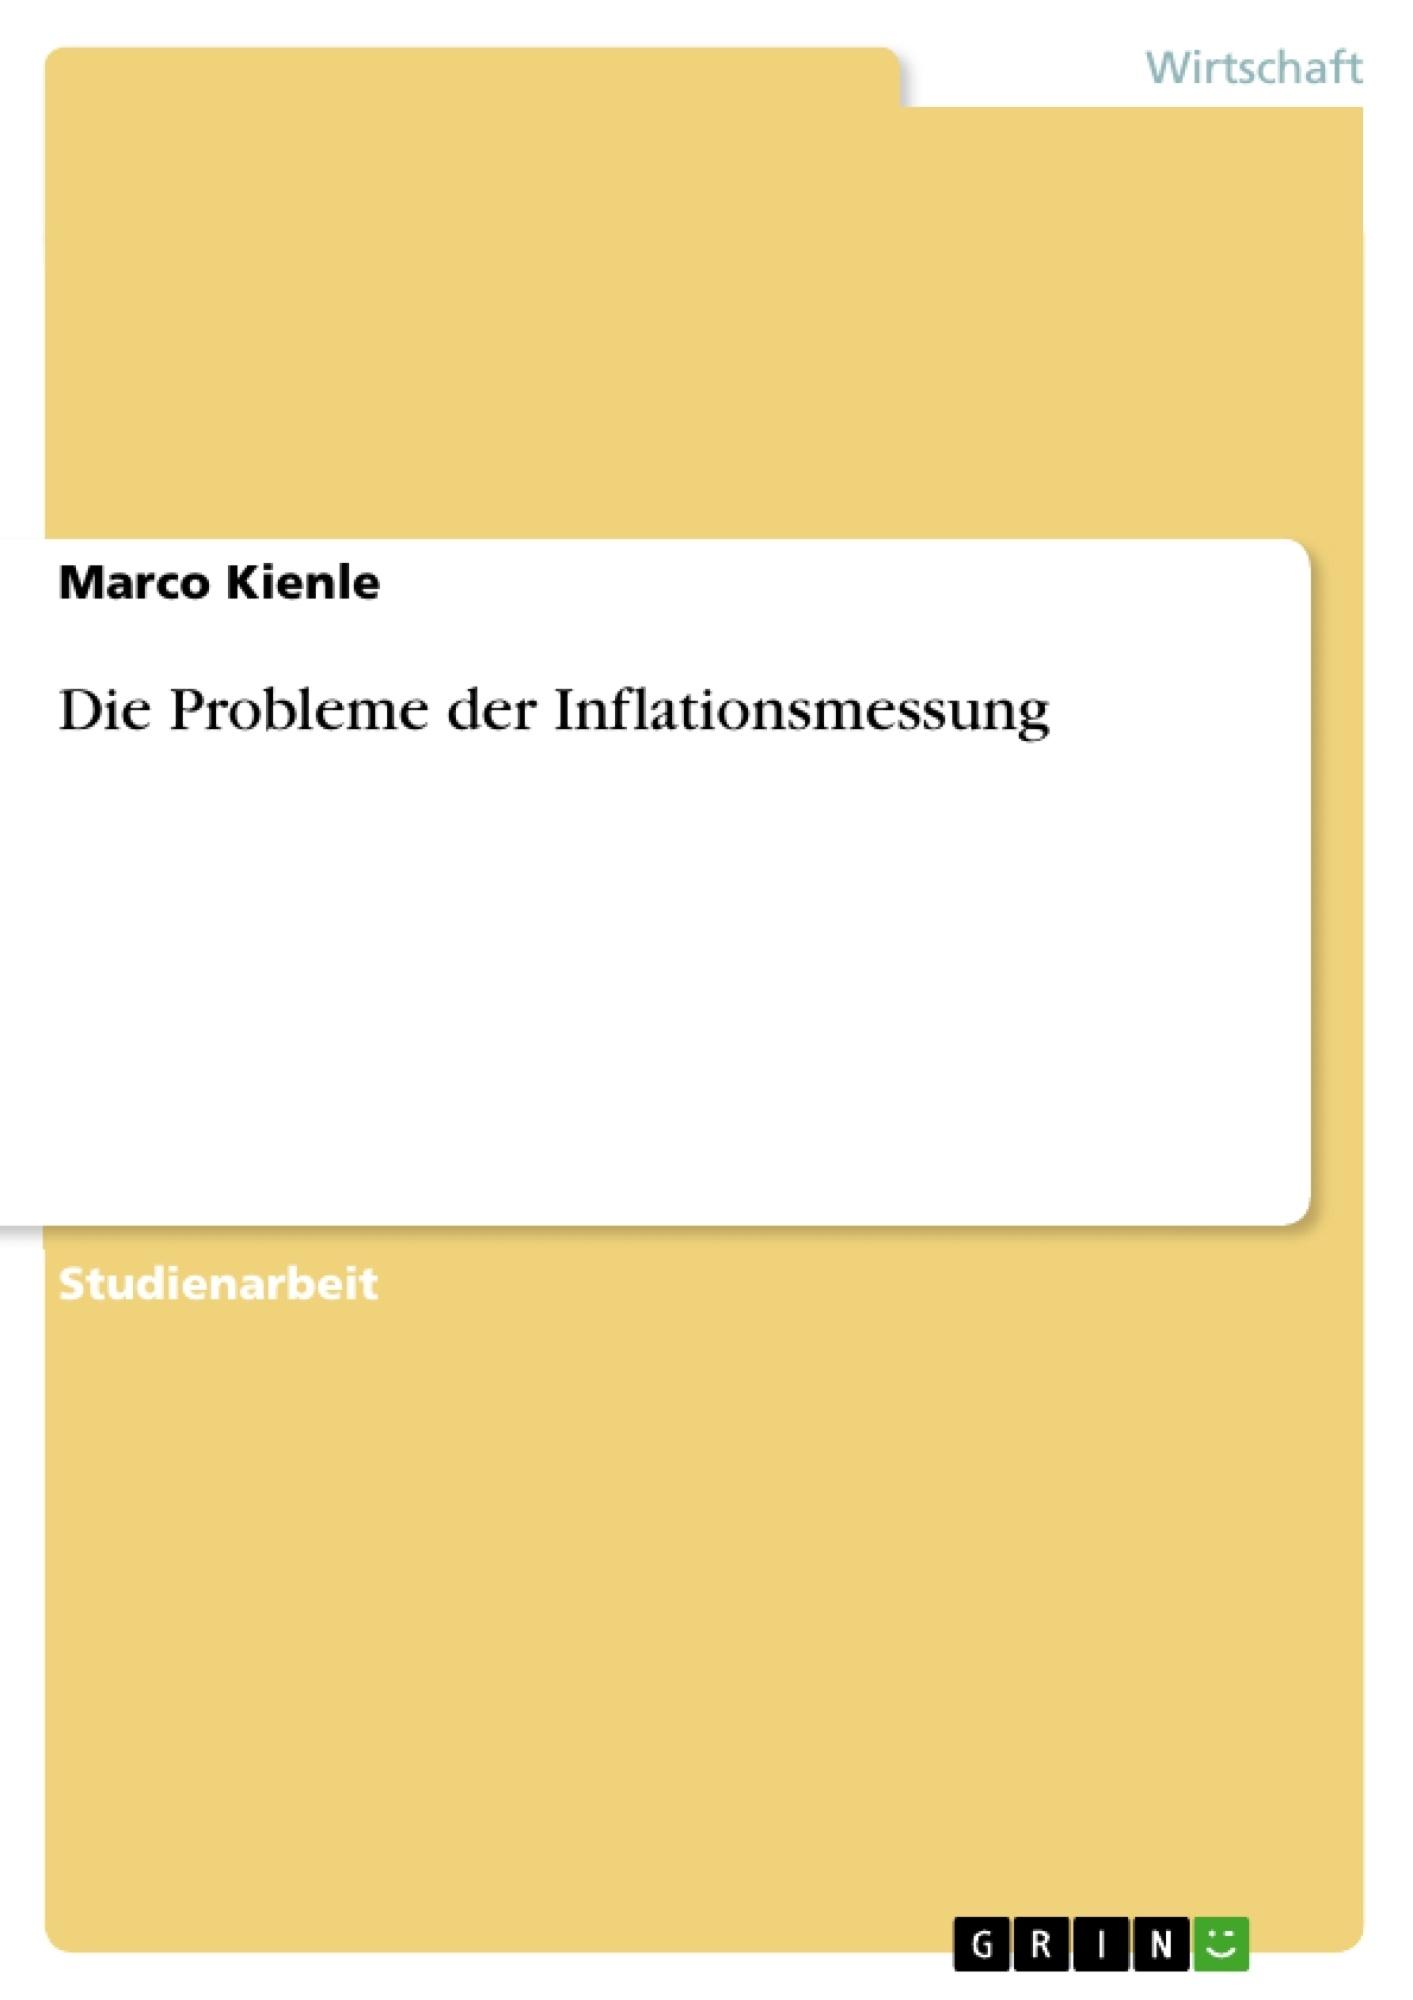 Titel: Die Probleme der Inflationsmessung